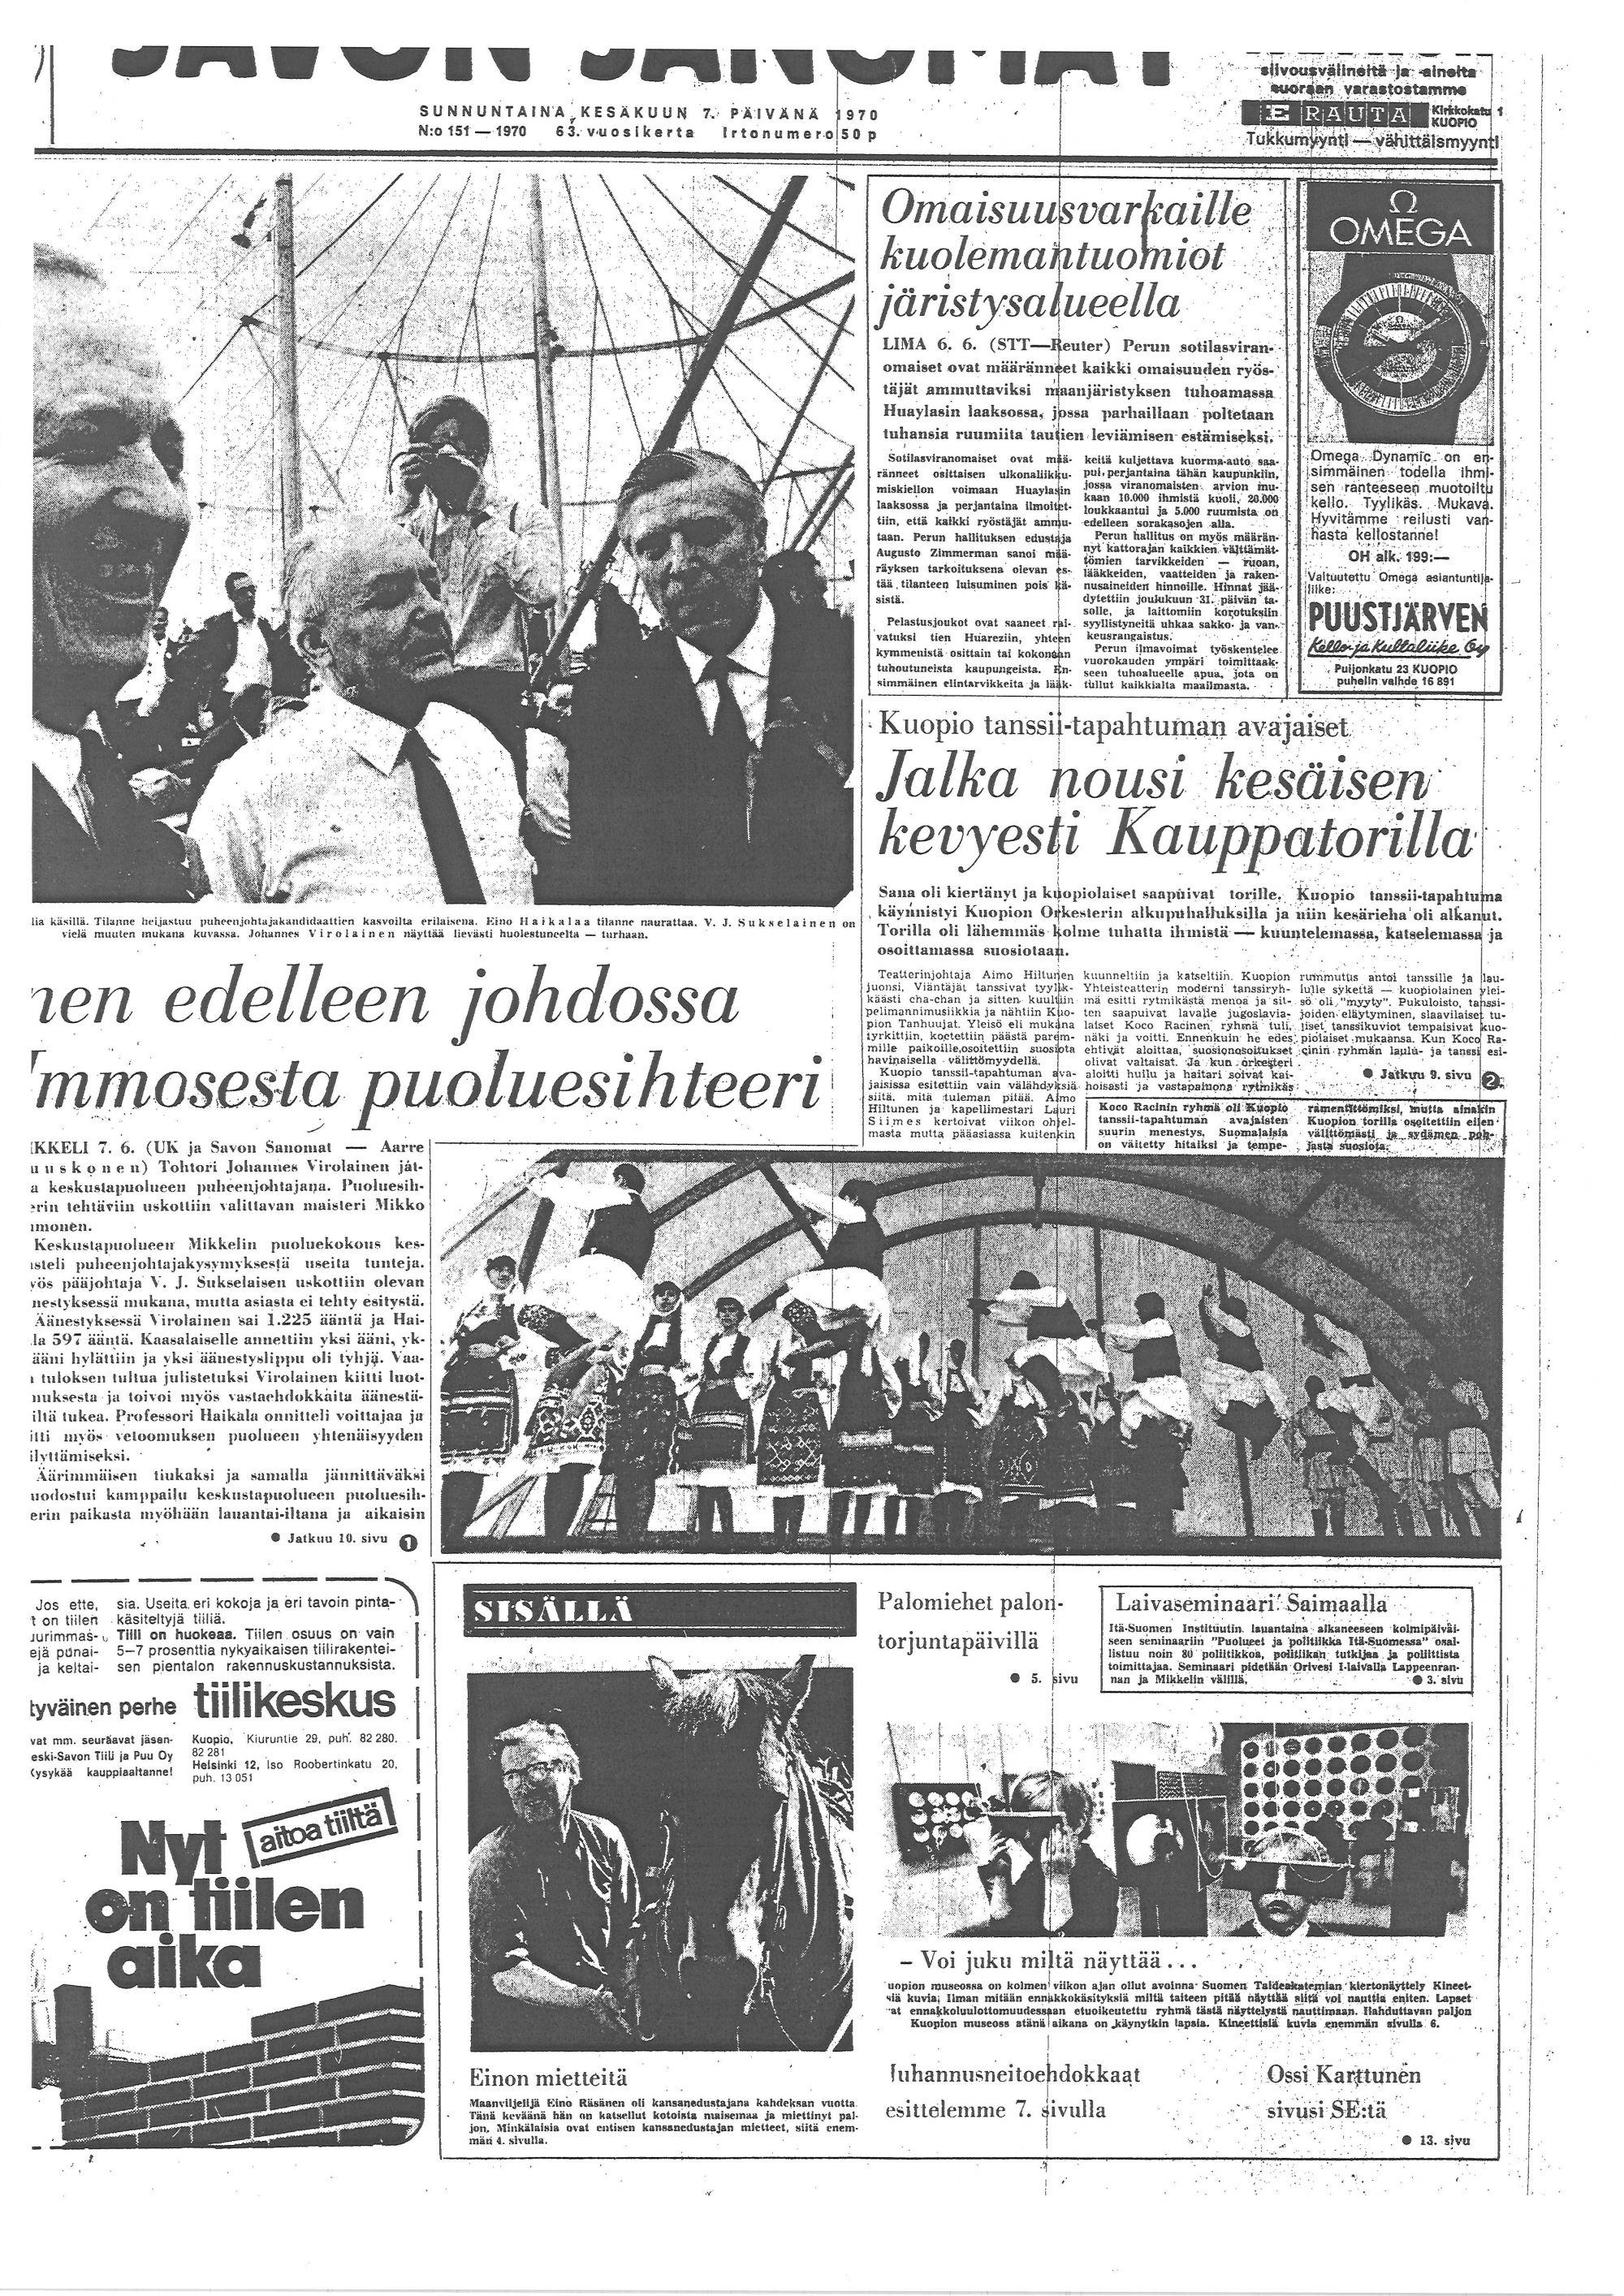 Savon Sanomien lehtileike festivaalin avajaiset vuonna 1970